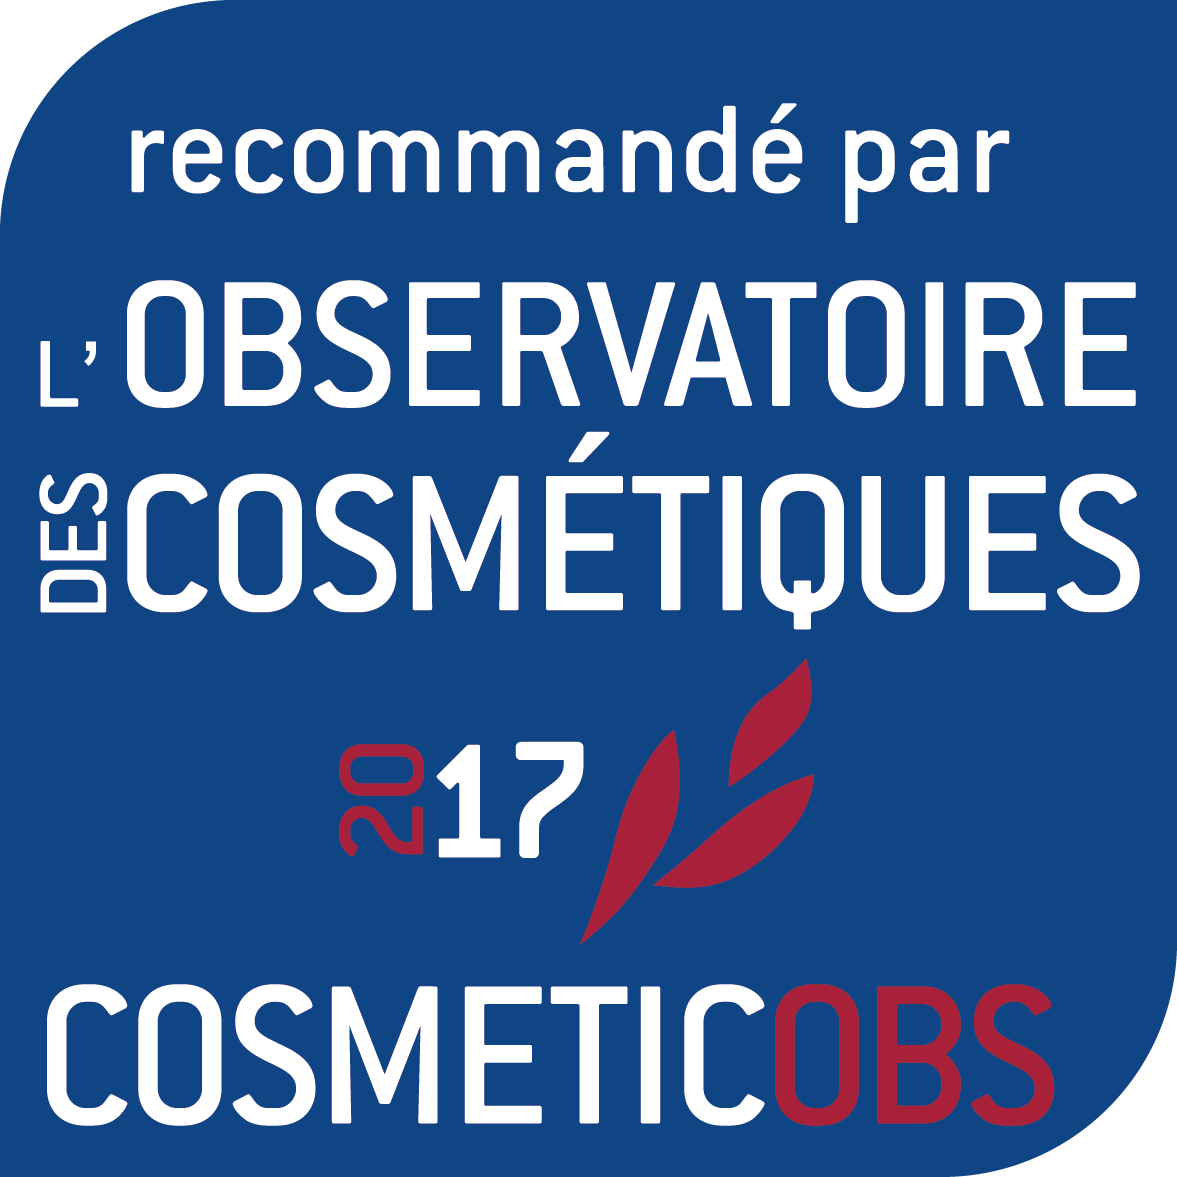 Recommandee_par_2017_FR.PNG